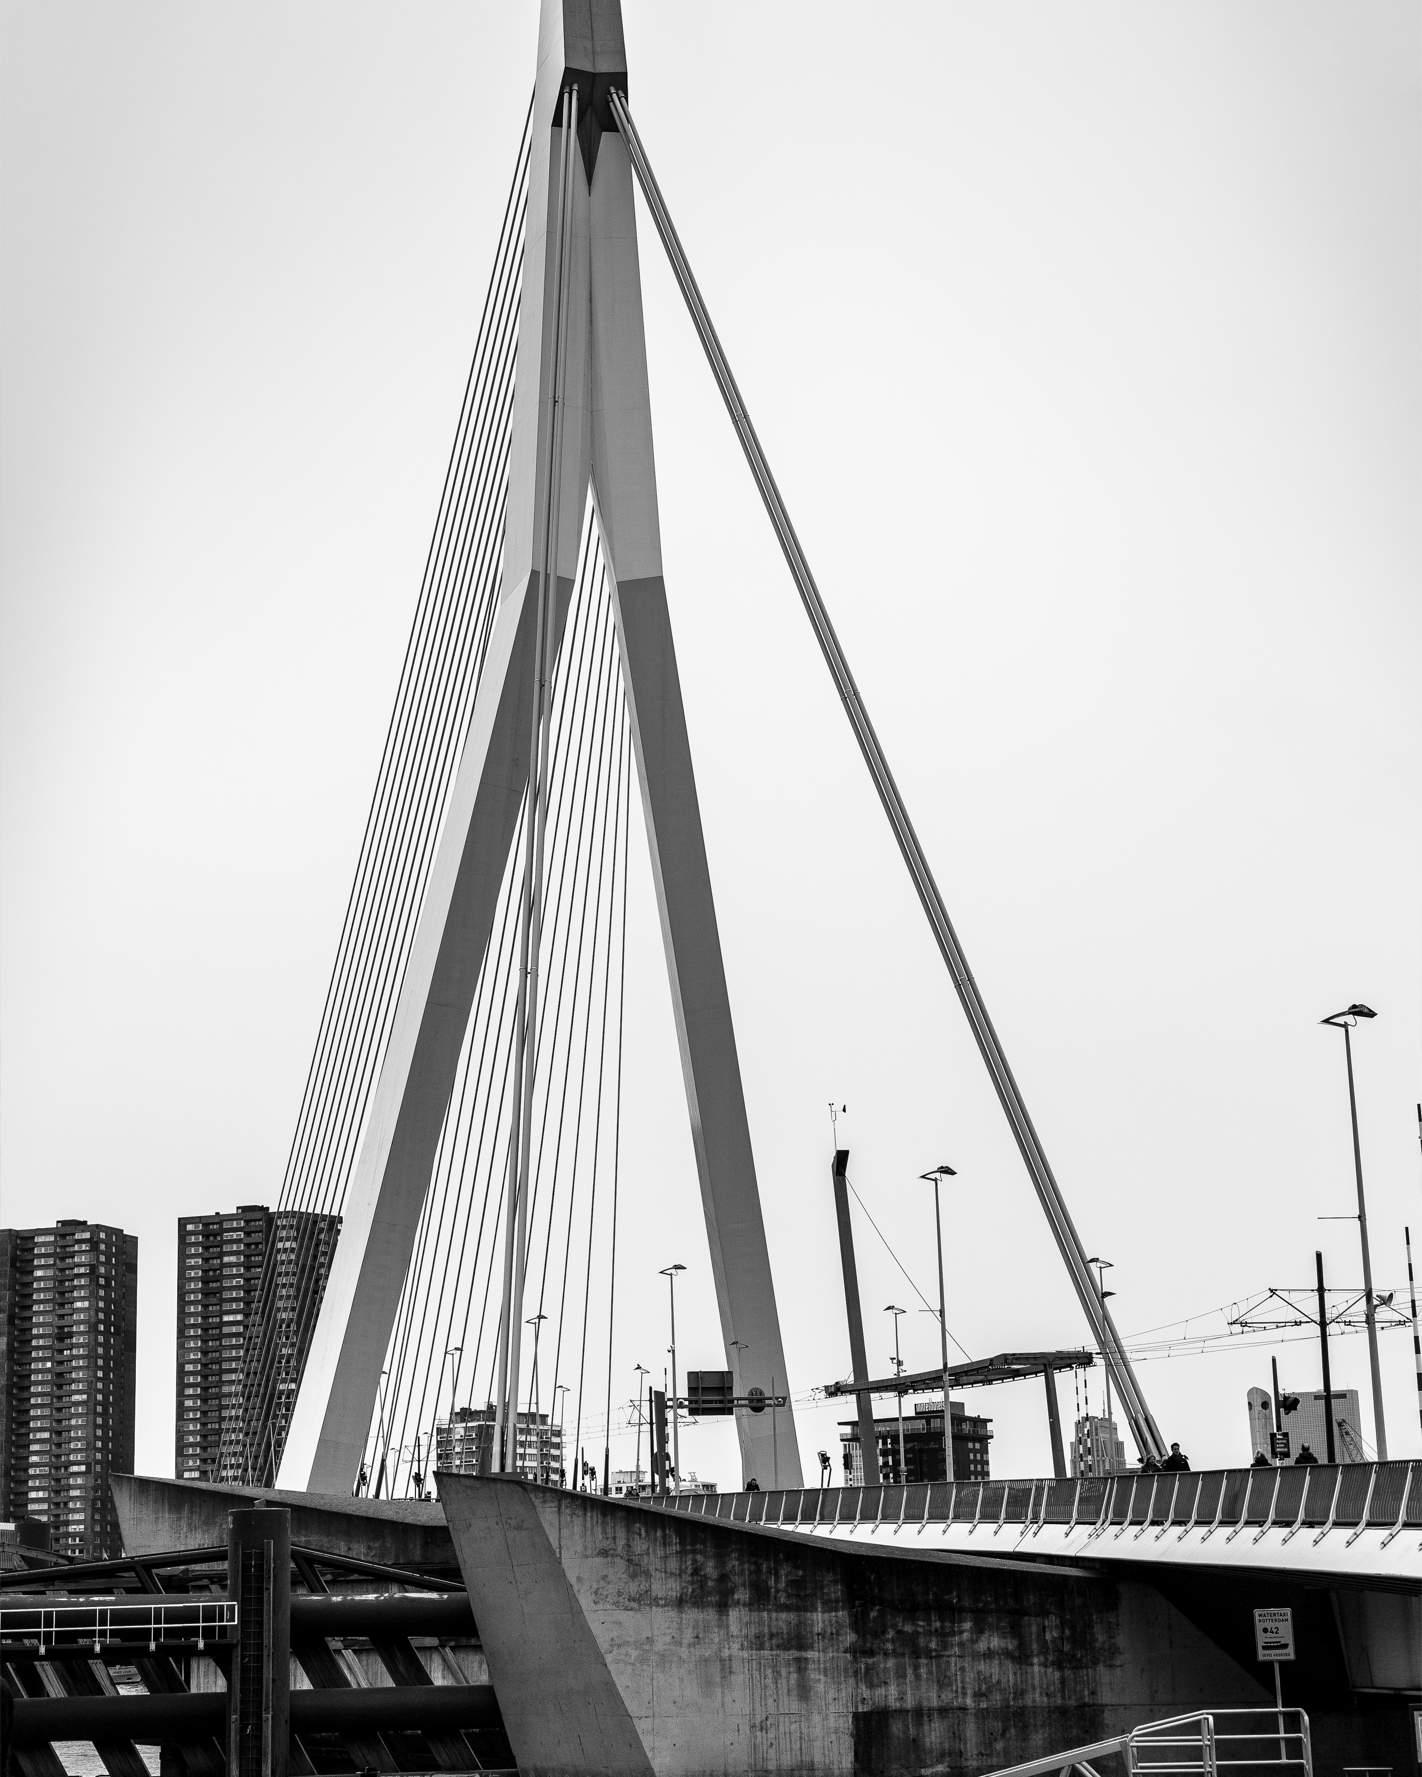 Großaufnahme der Erasmusbrücke in Rotterdam in schwarz-weiss